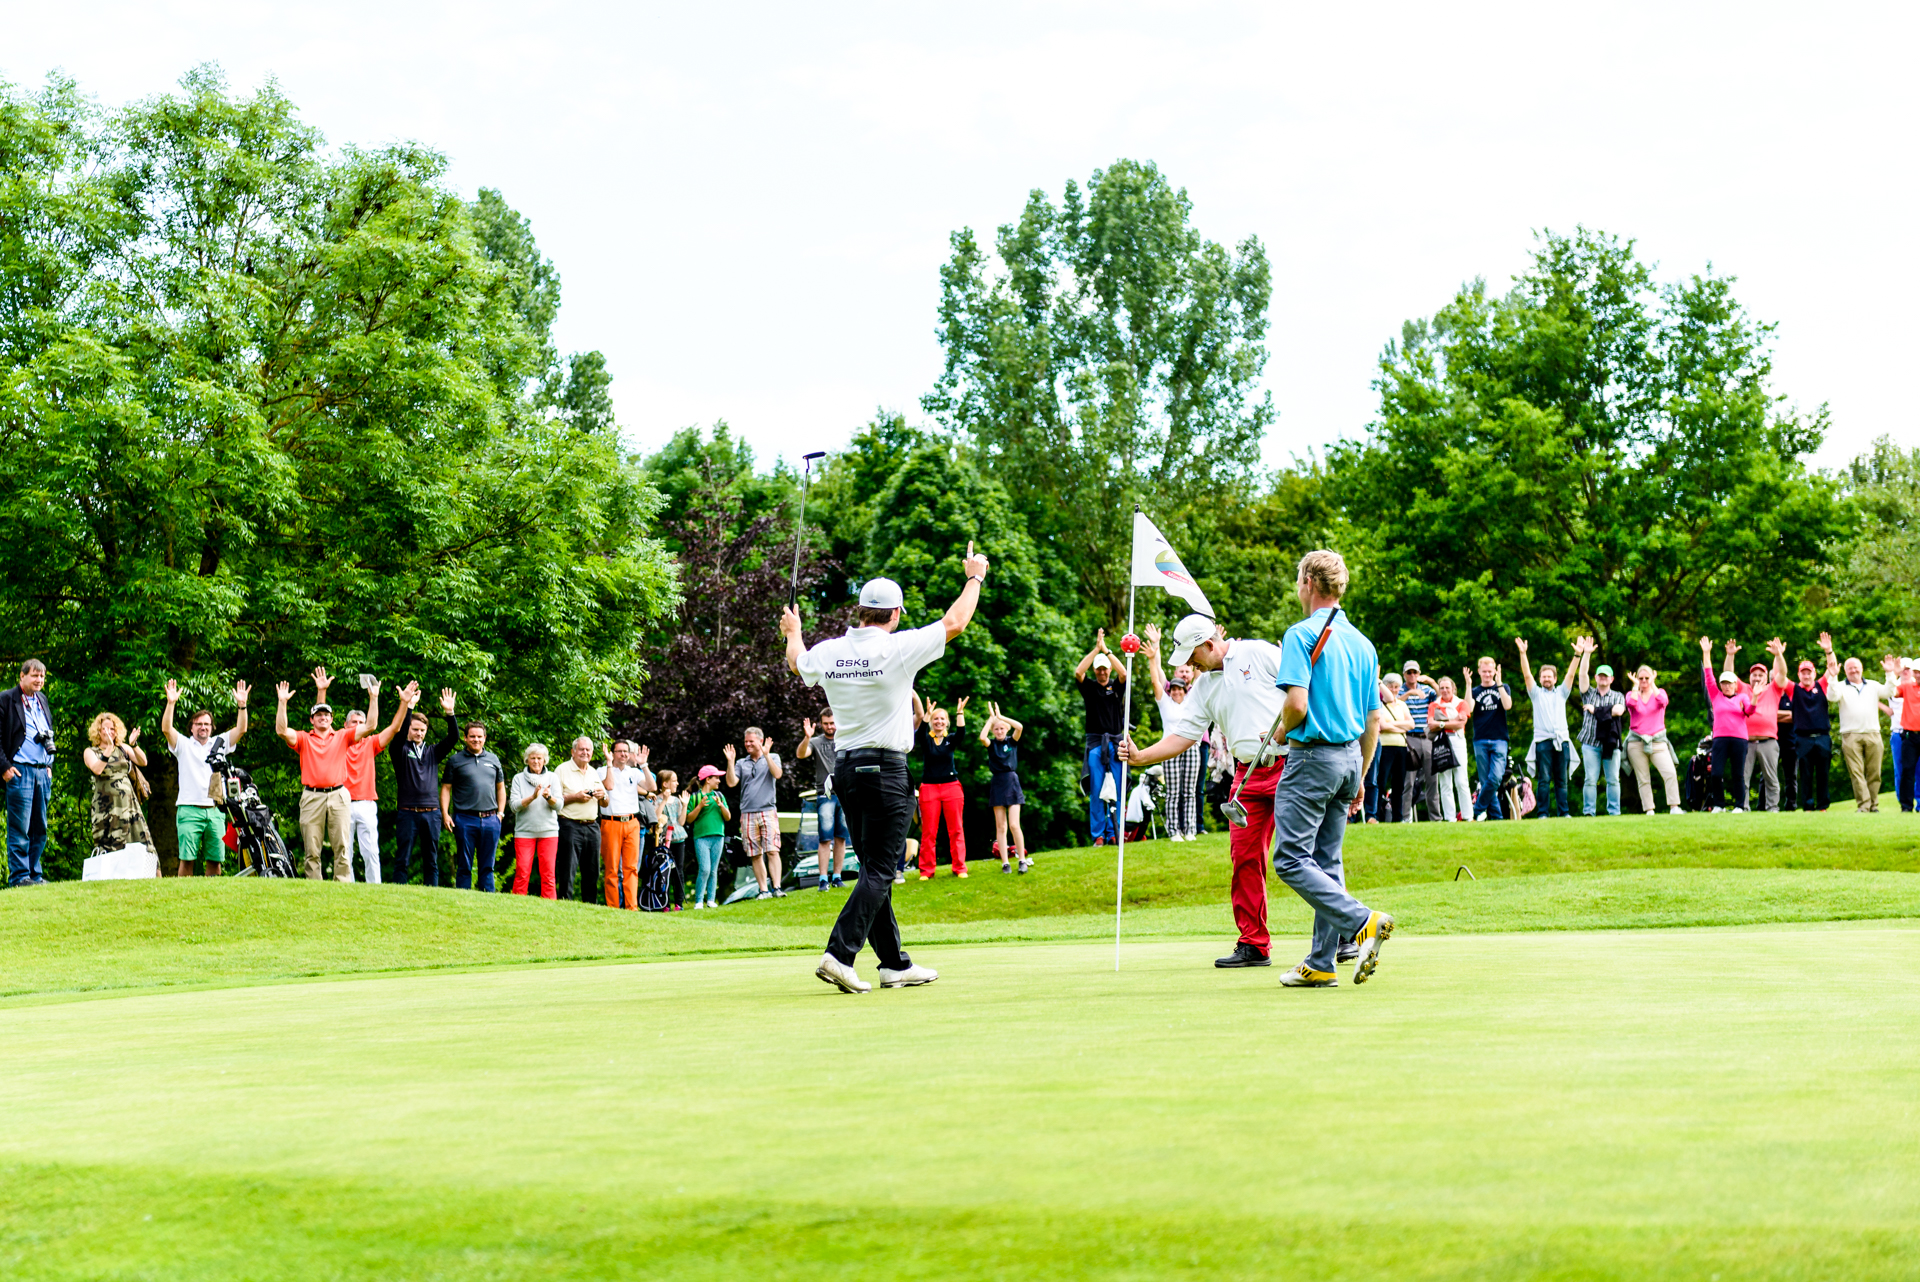 Großes Interesse, viel Applaus: die 10. Deutschen Meisterschaften der Gehörlosen-Golfer im Golfpark München-Aschheim hatten ihr Publikum.